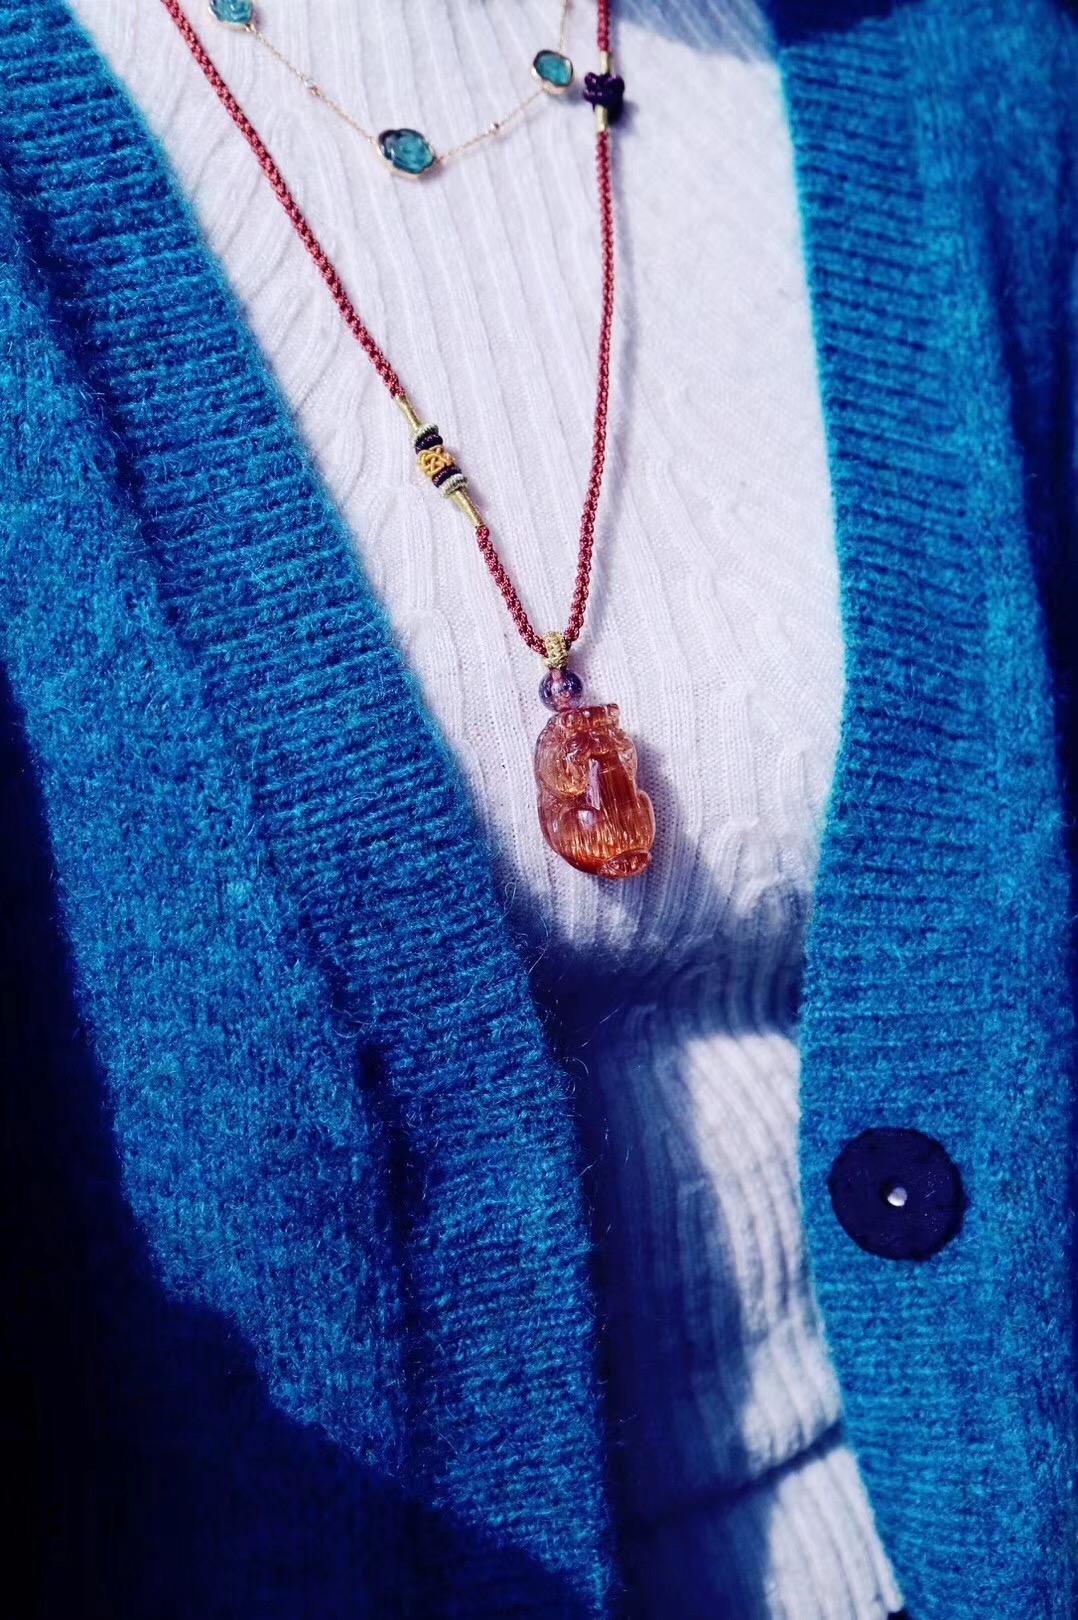 【菩心·铜发晶貔貅】你们念念不忘的铜发招财大貔貅,阳光下赞爆了-菩心晶舍